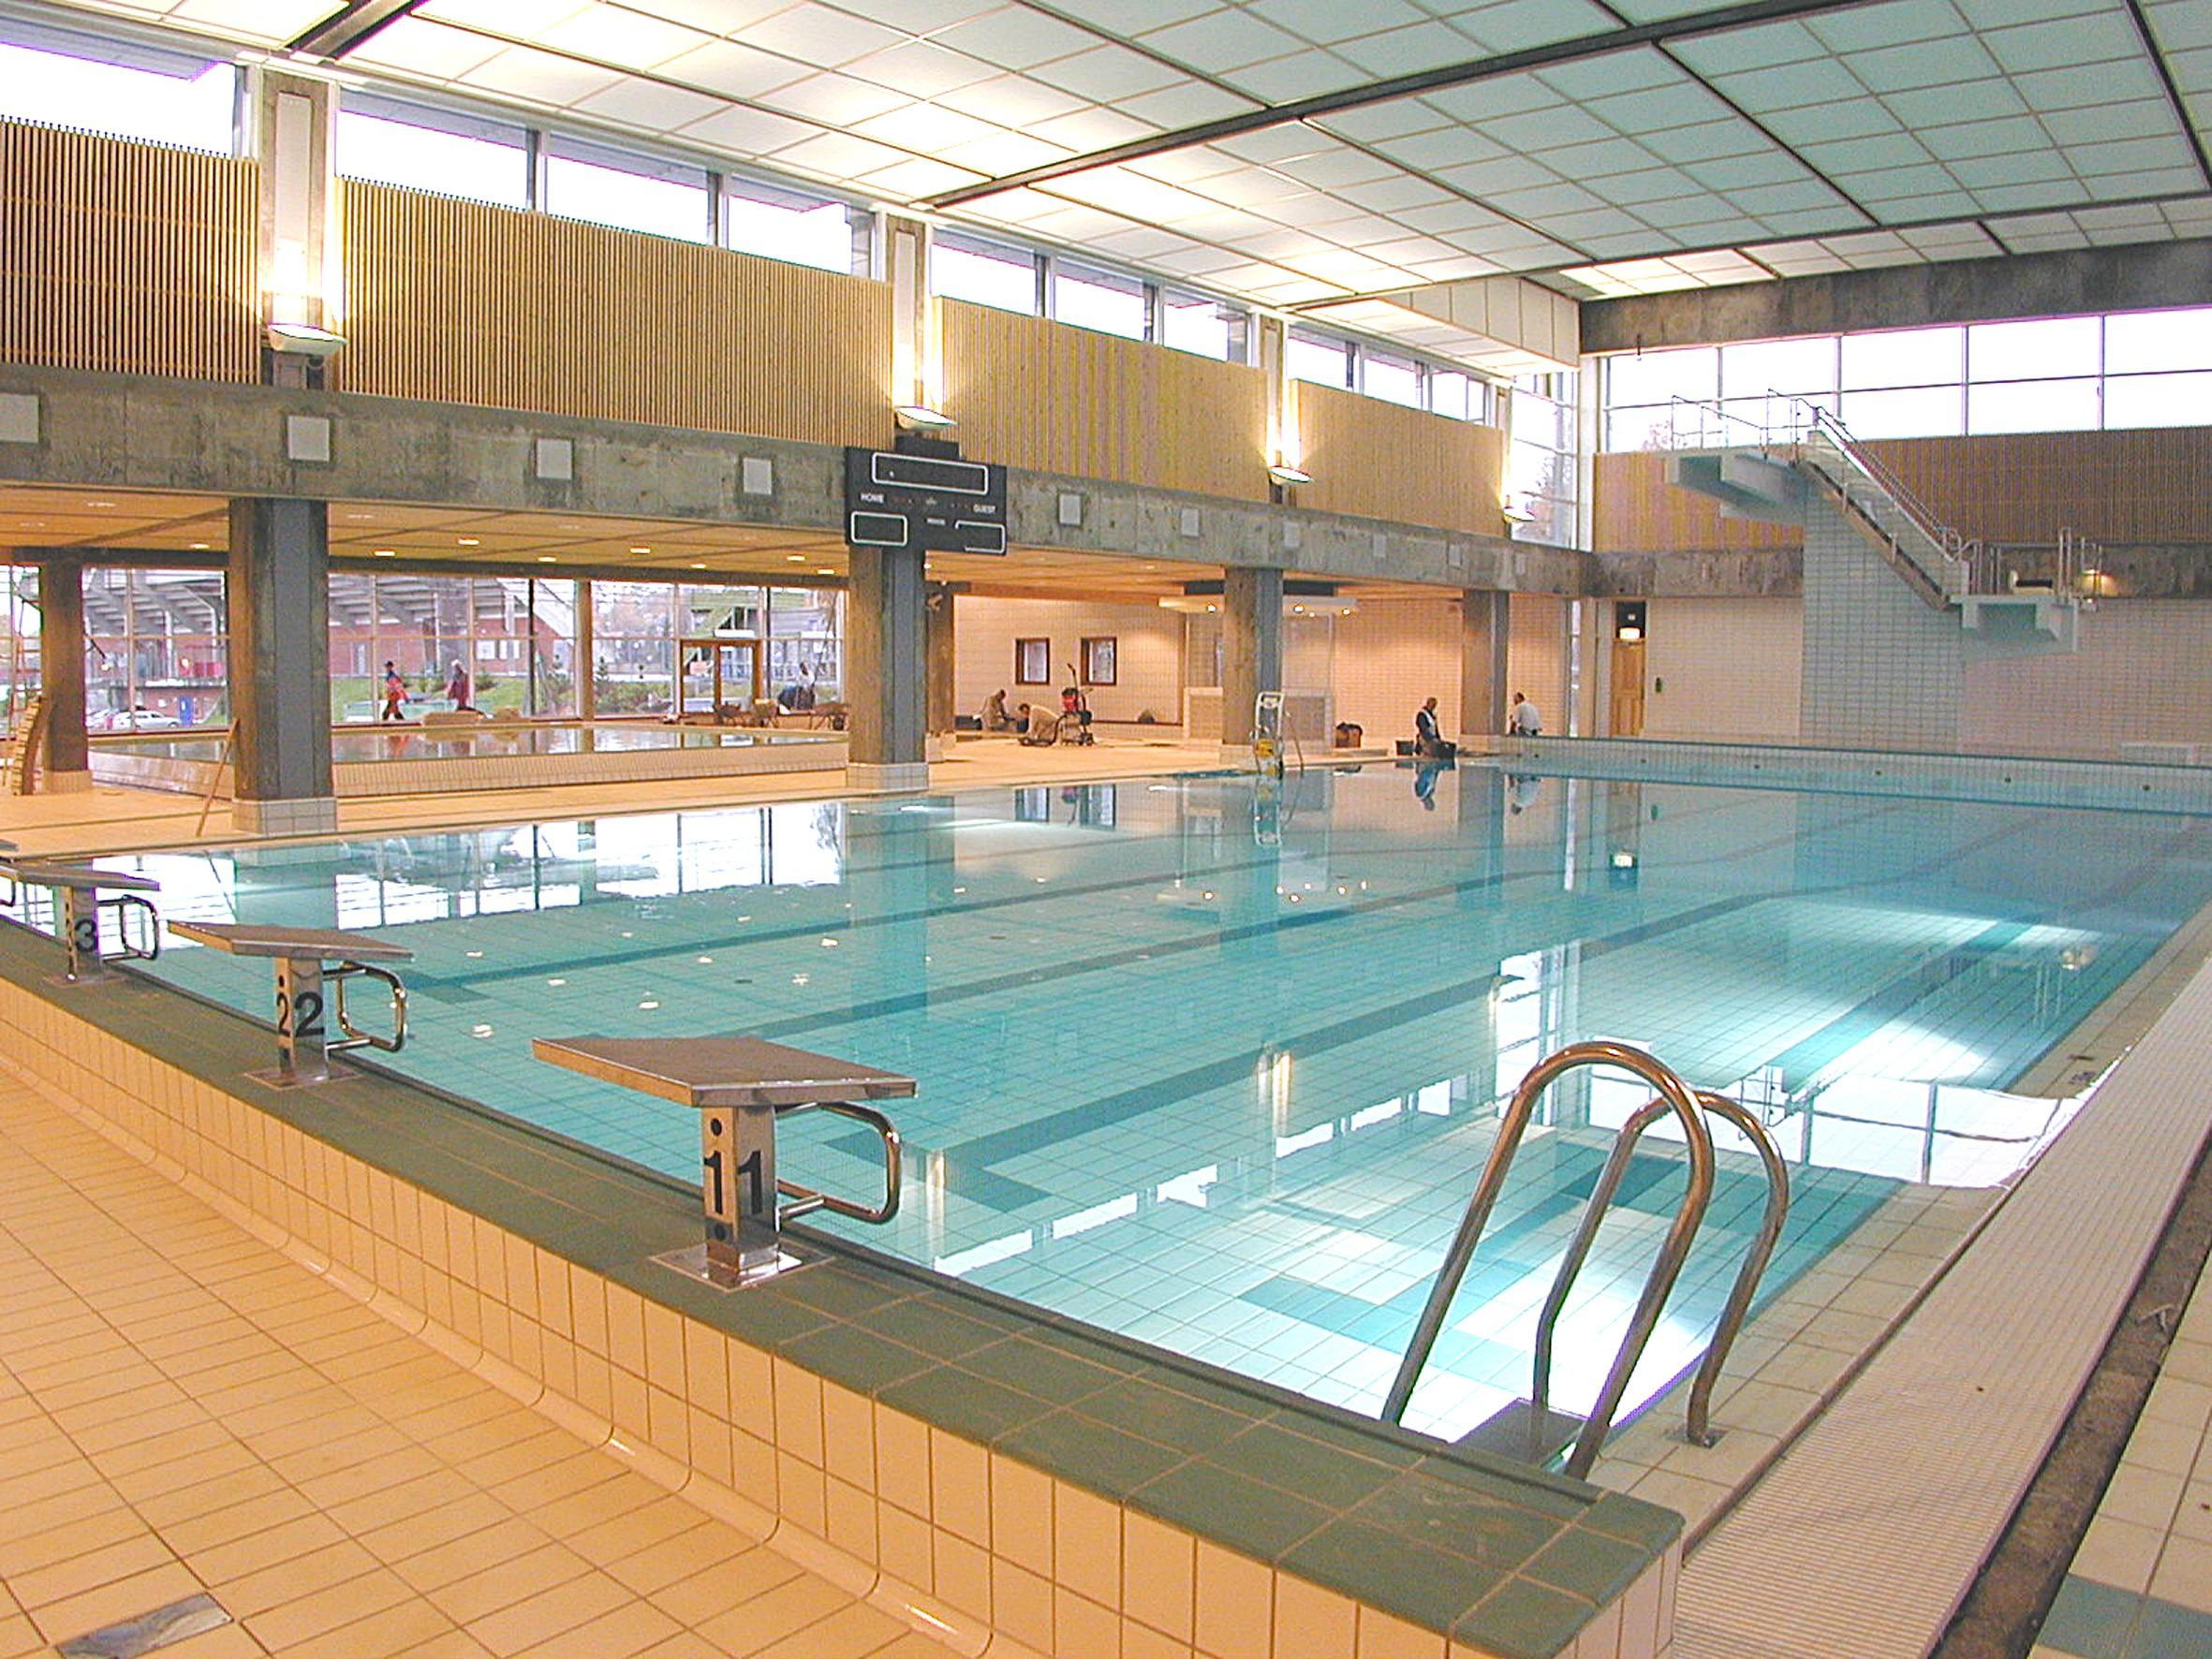 nadderudhallen svømming